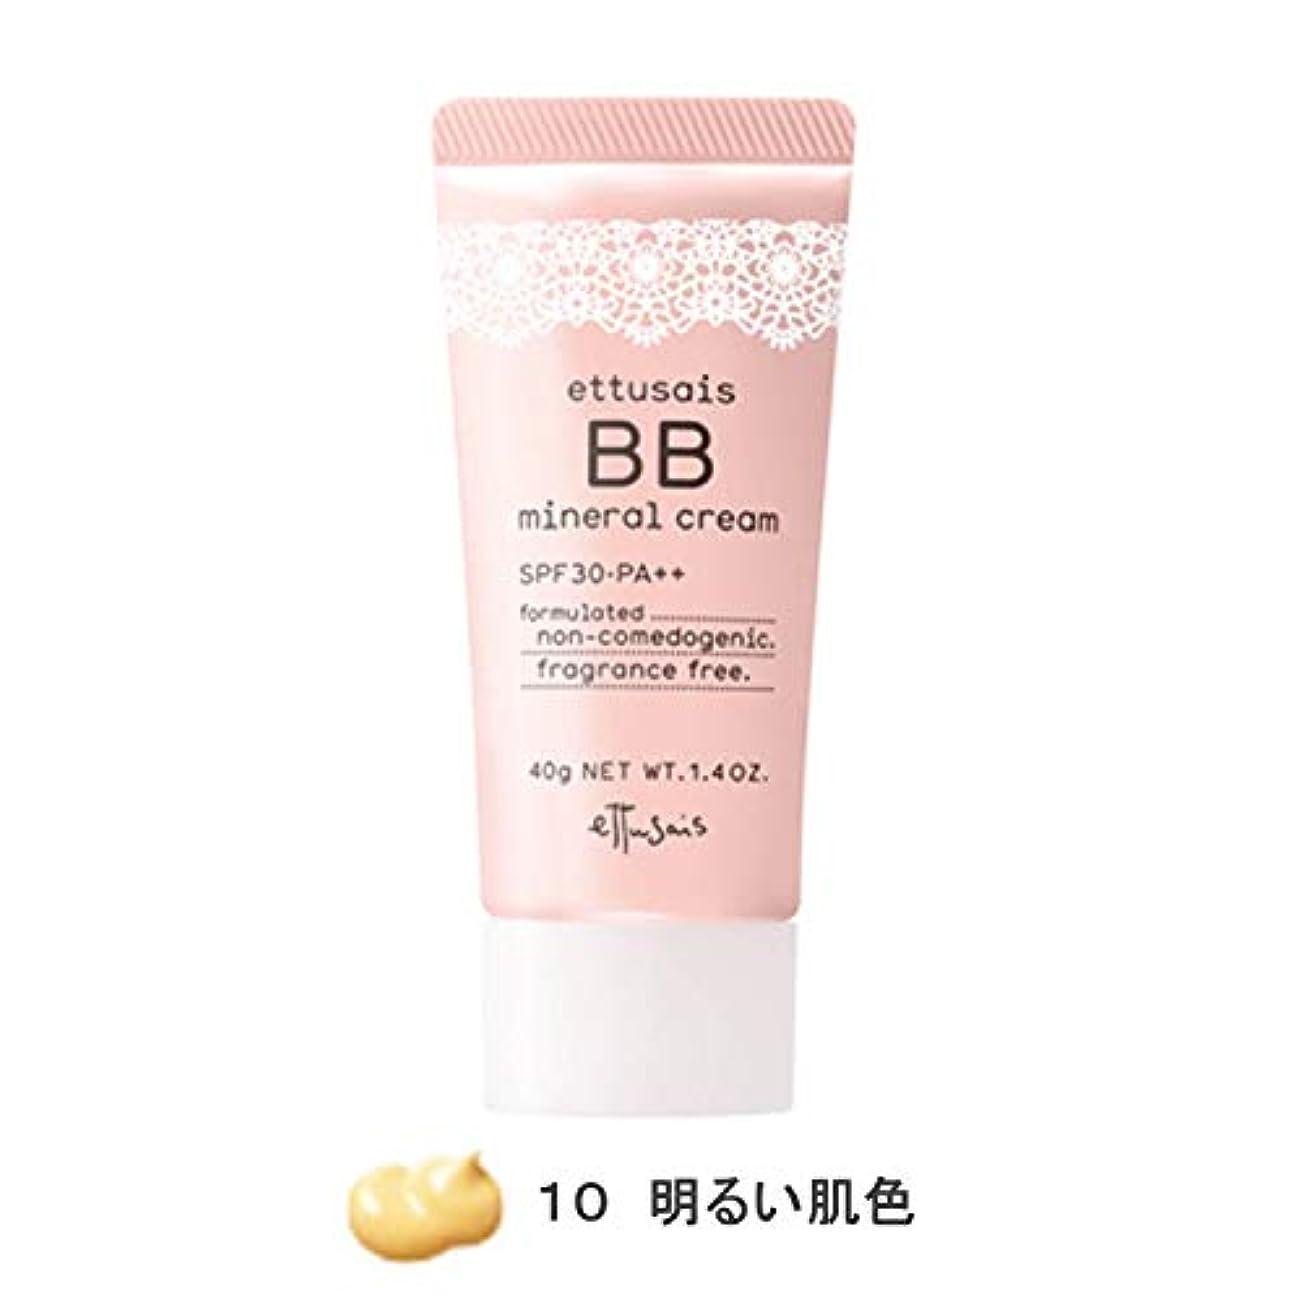 レタスかき混ぜる並外れたエテュセ BBミネラルクリーム 10(明るい肌色) SPF30?PA++ 40g